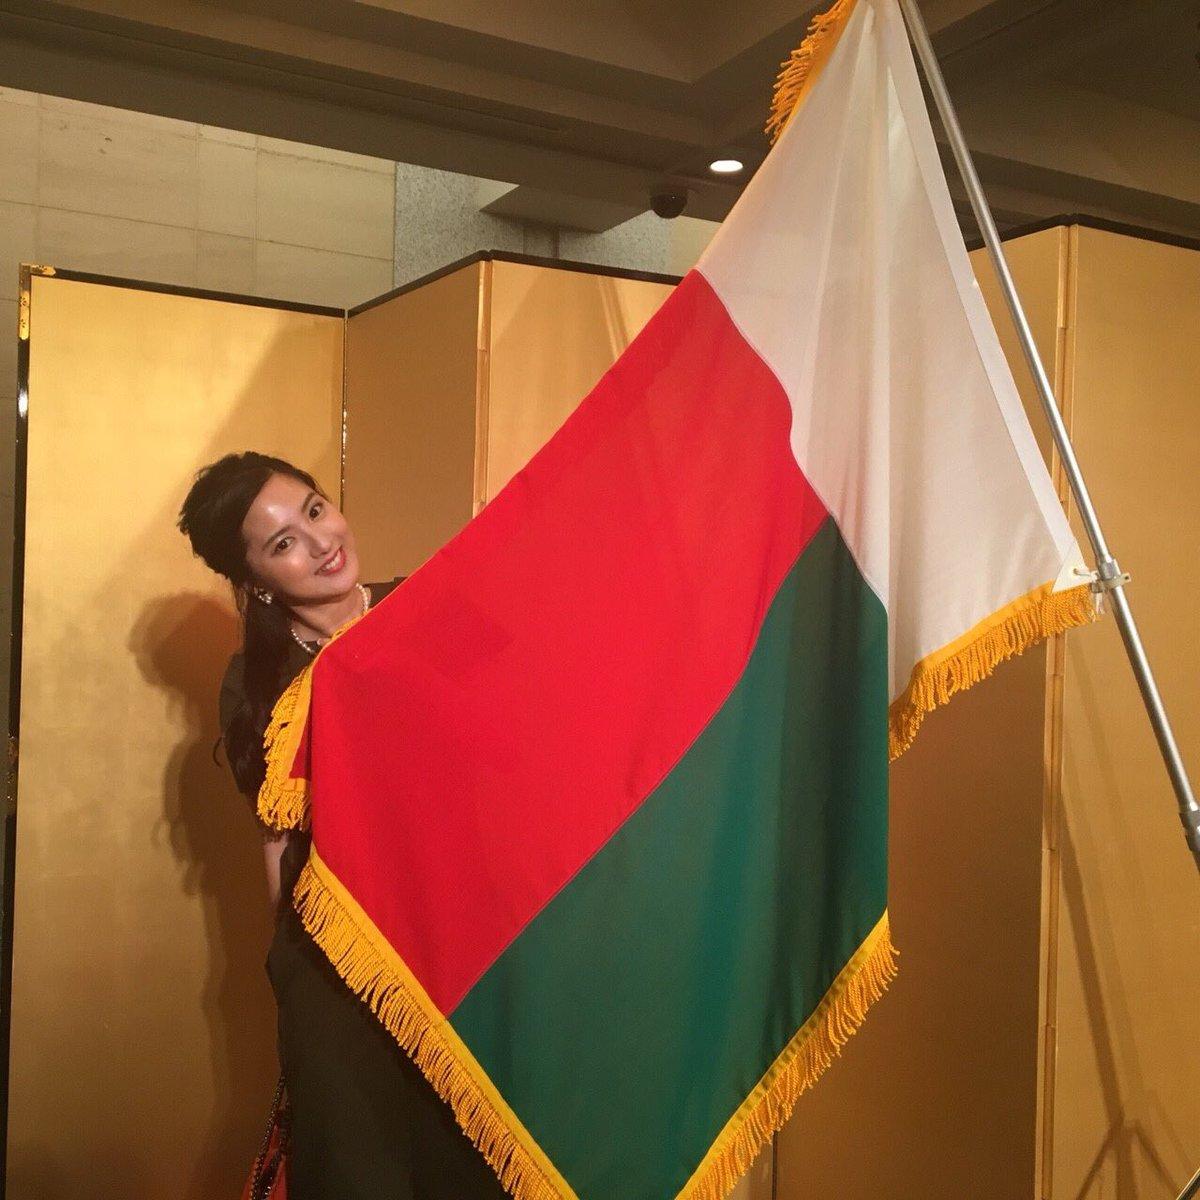 ORIGINAL_https://twitter.com/hamaguchijunko/status/1011608973265469440